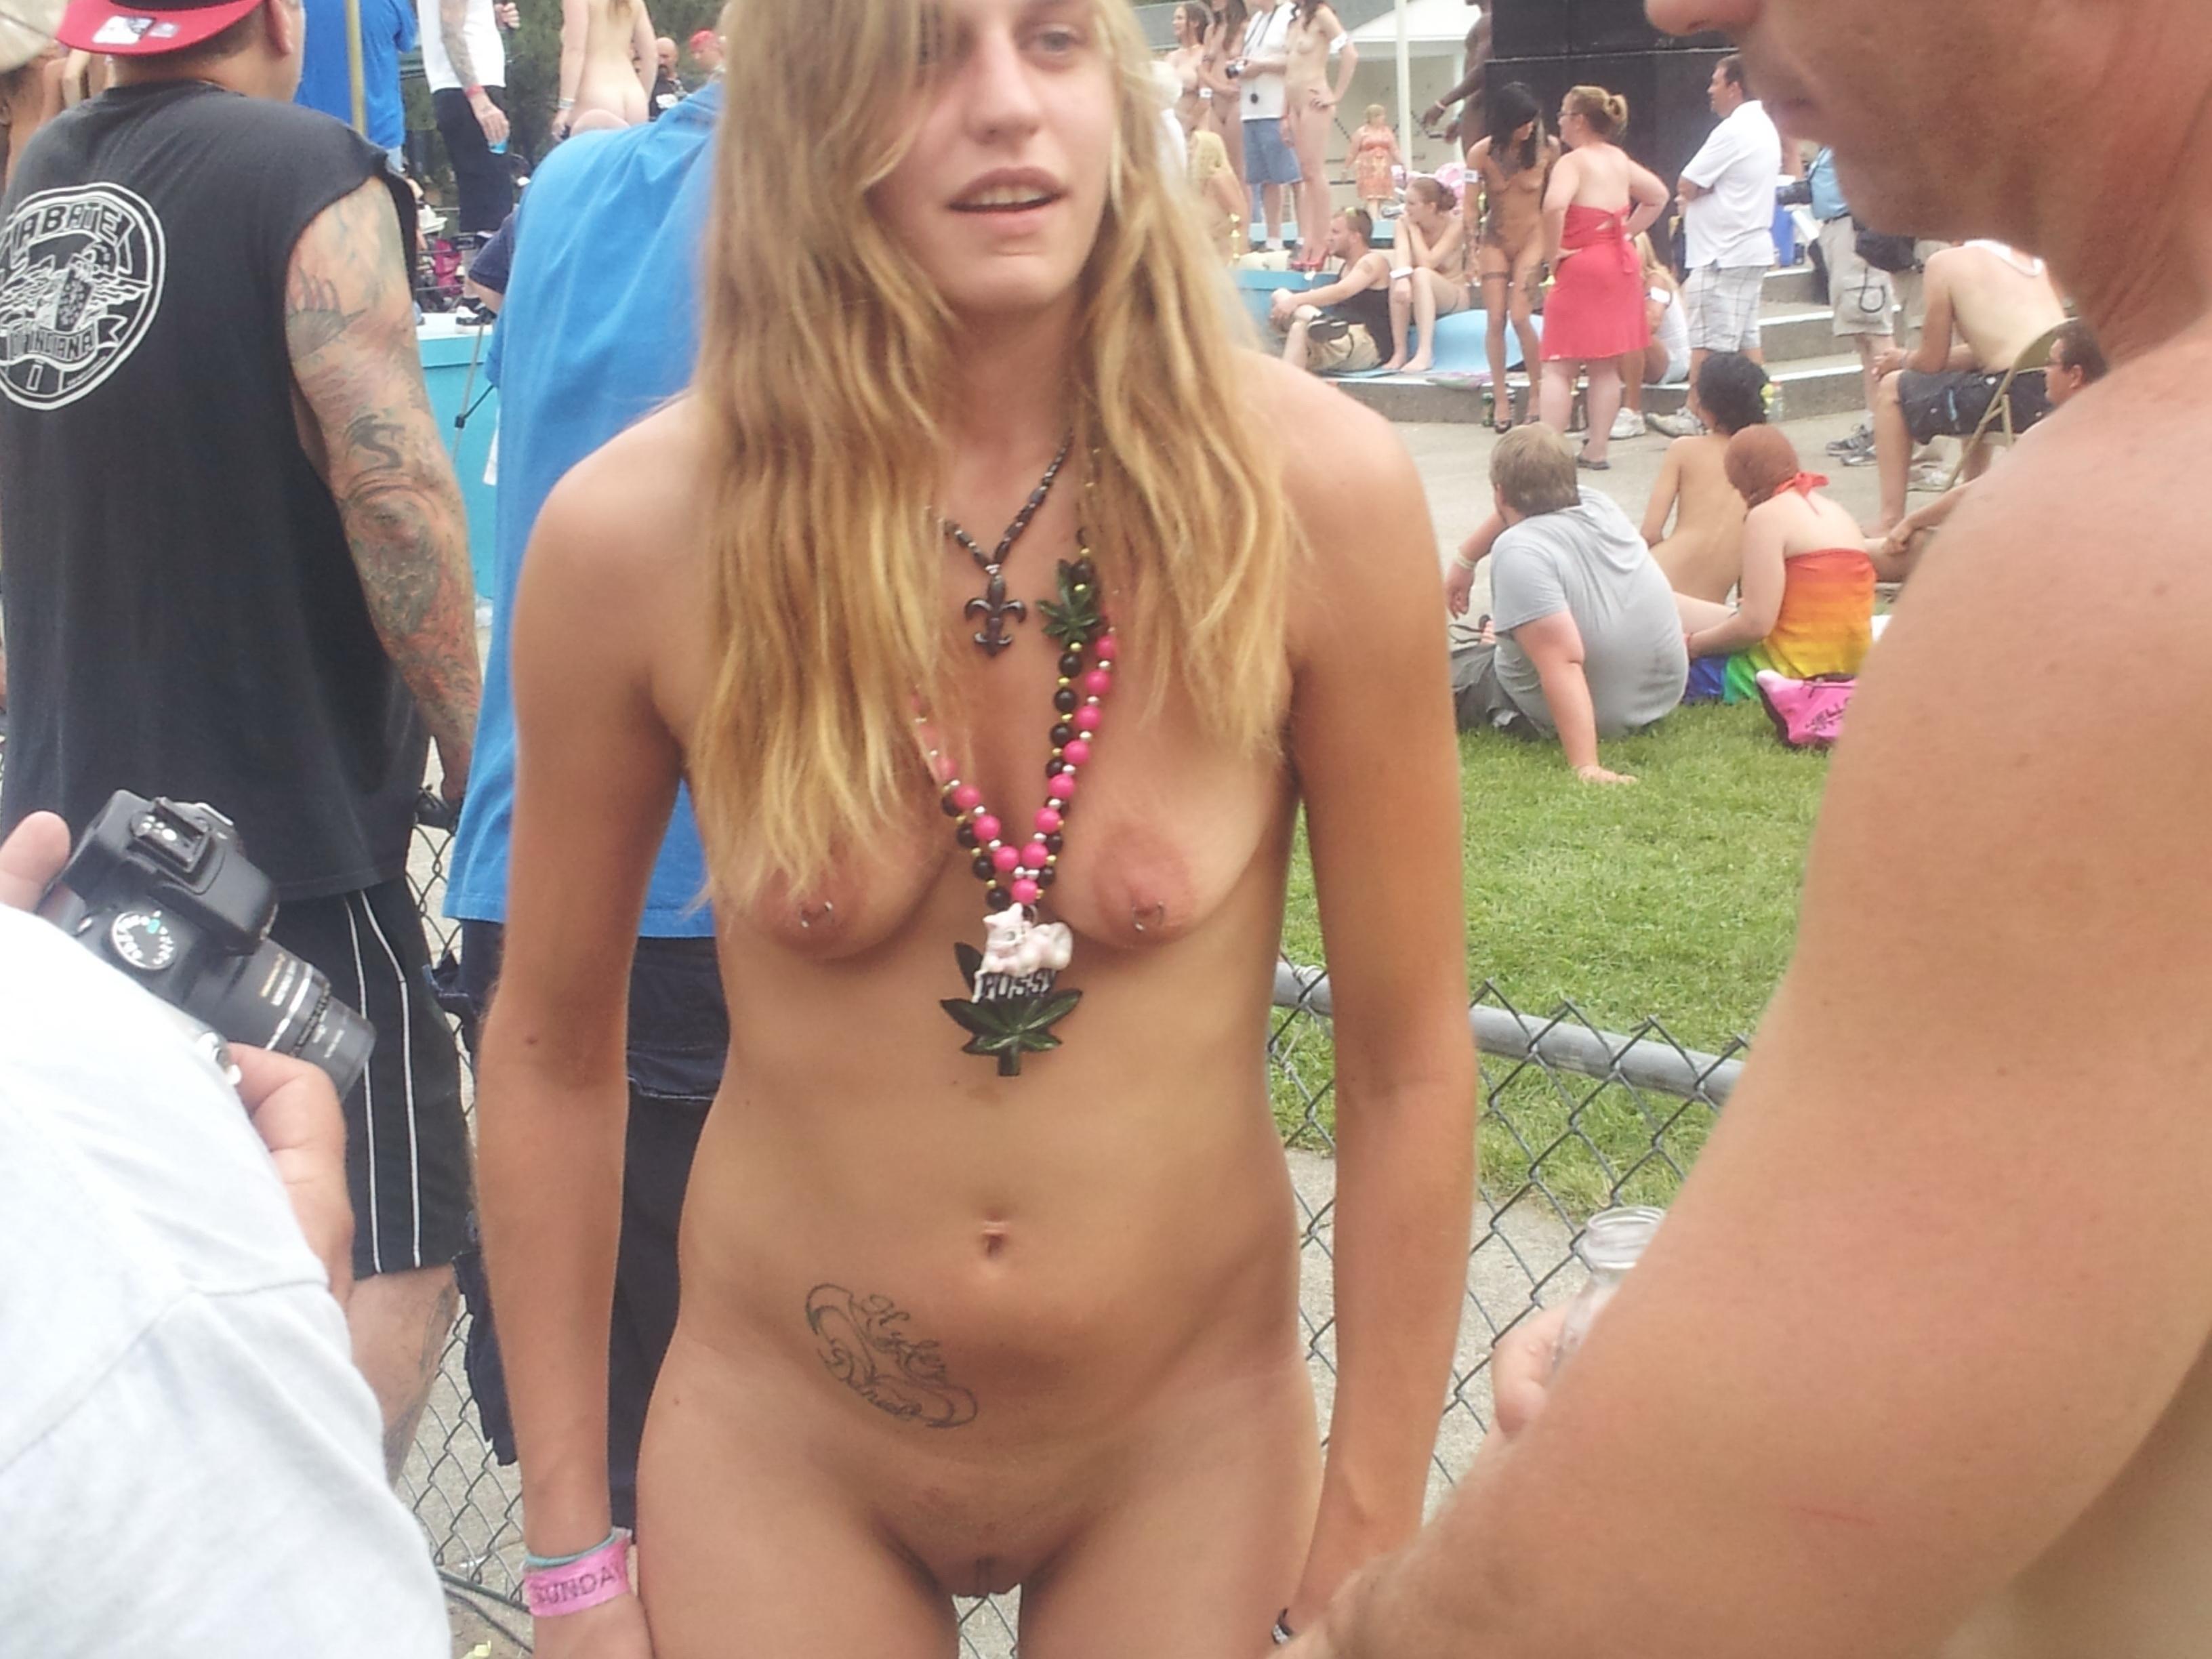 cum shot in virgin pussy picture